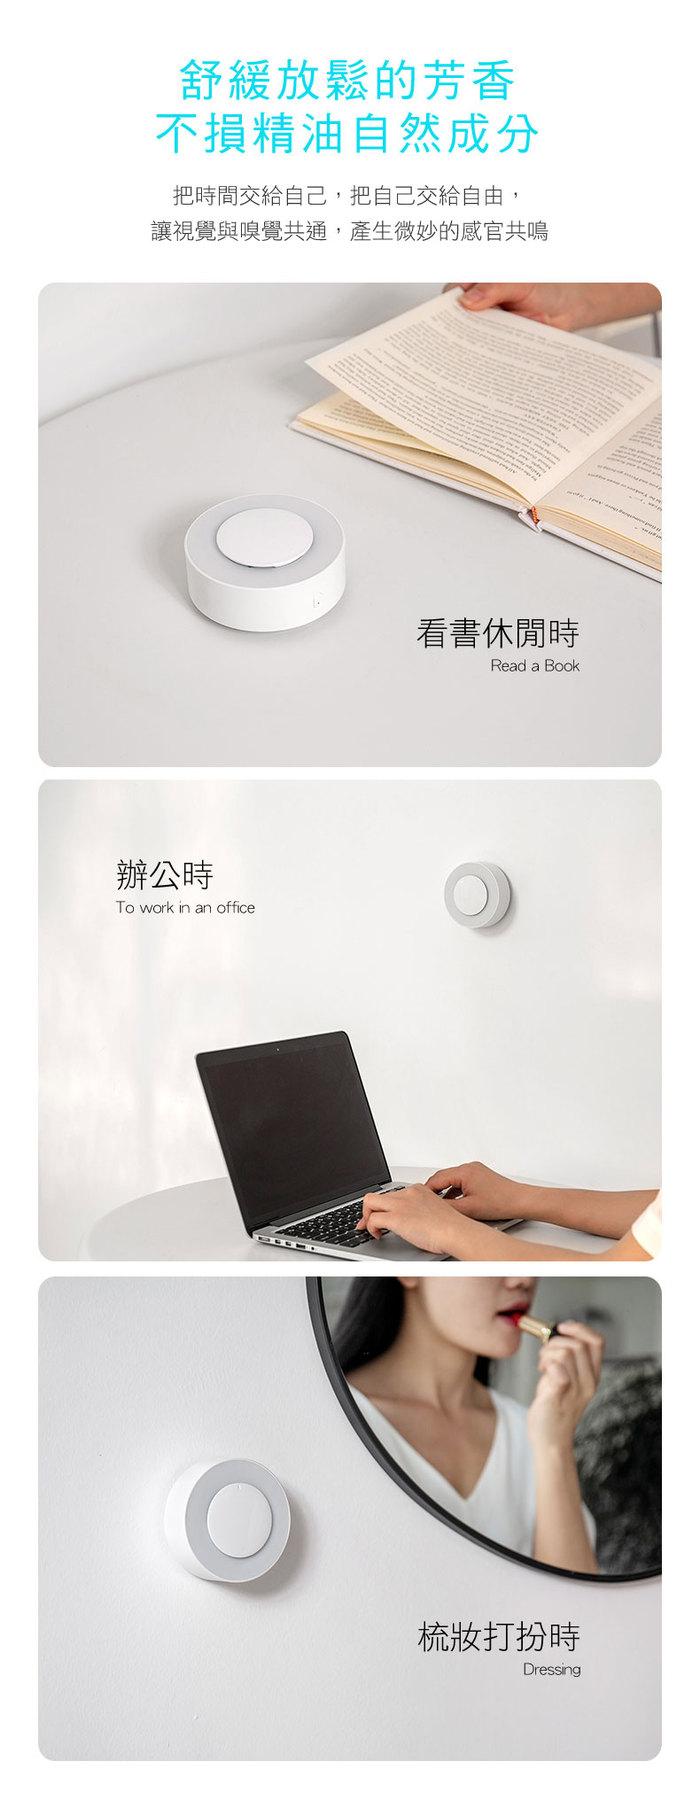 (複製)【集購】PUROLL|微型無線電解超聲波洗衣機